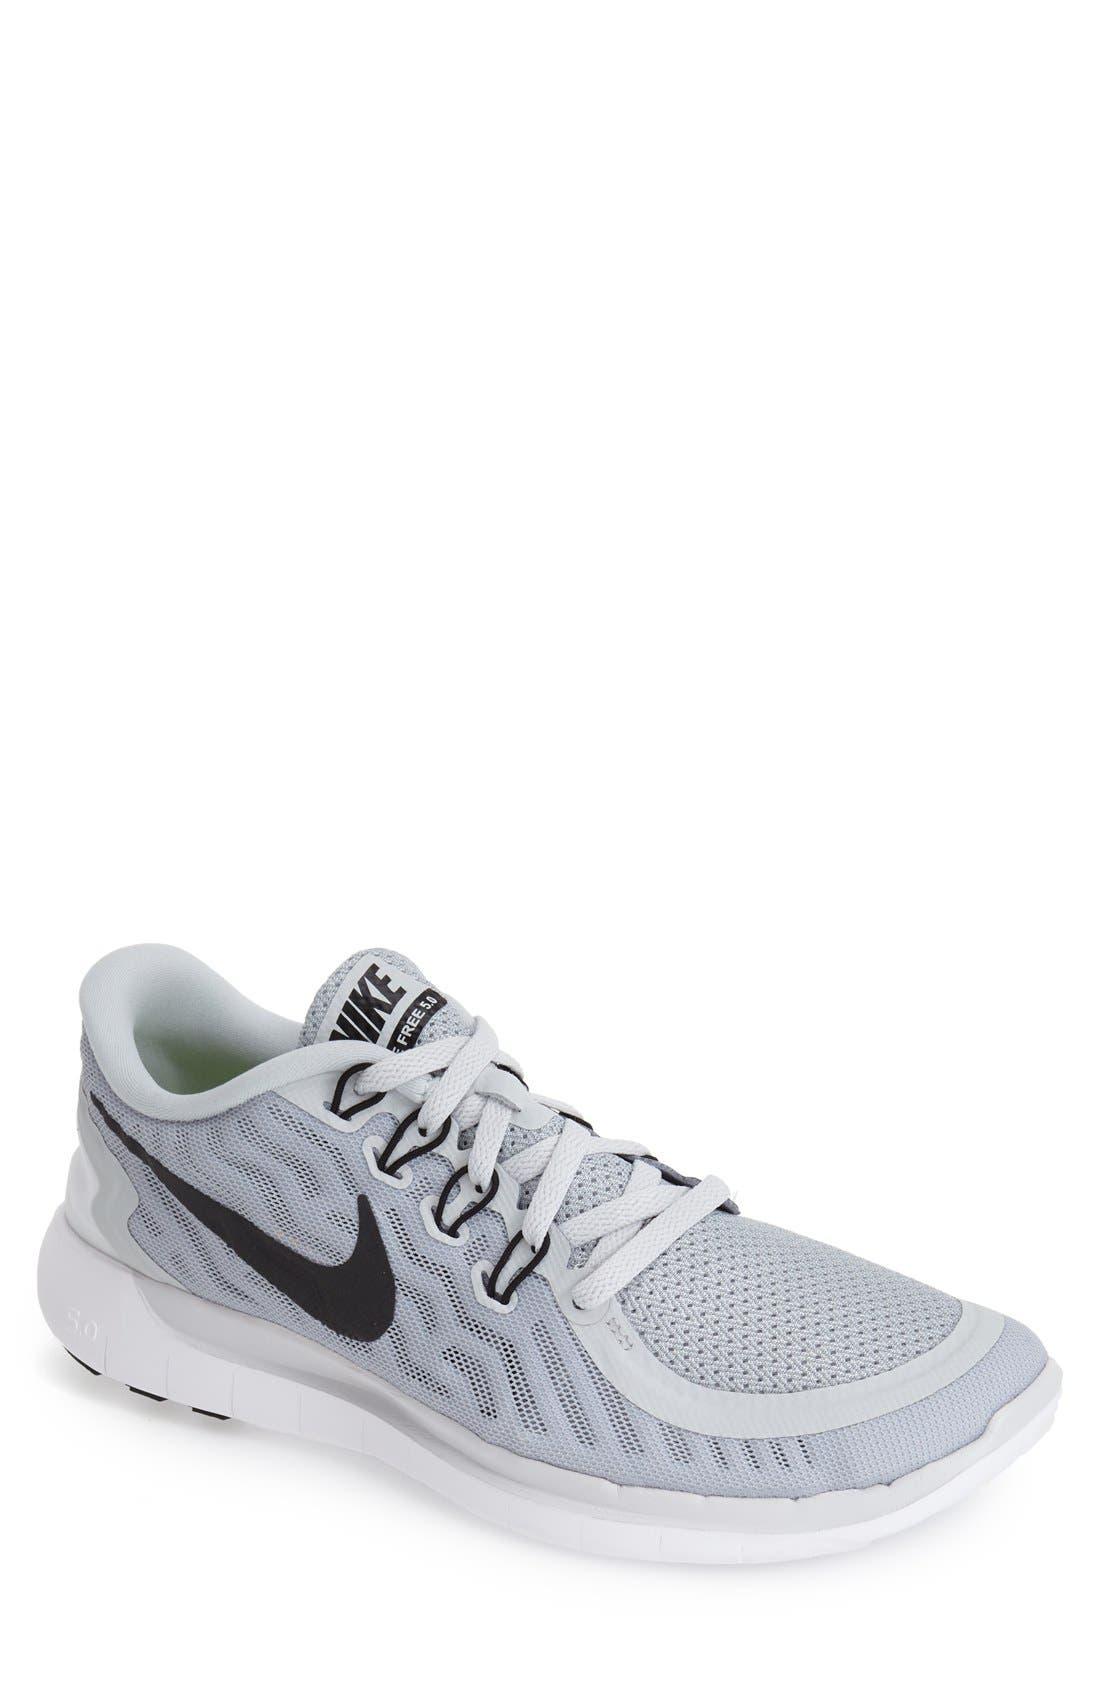 Alternate Image 1 Selected - Nike 'Free 5.0' Running Shoe (Men)